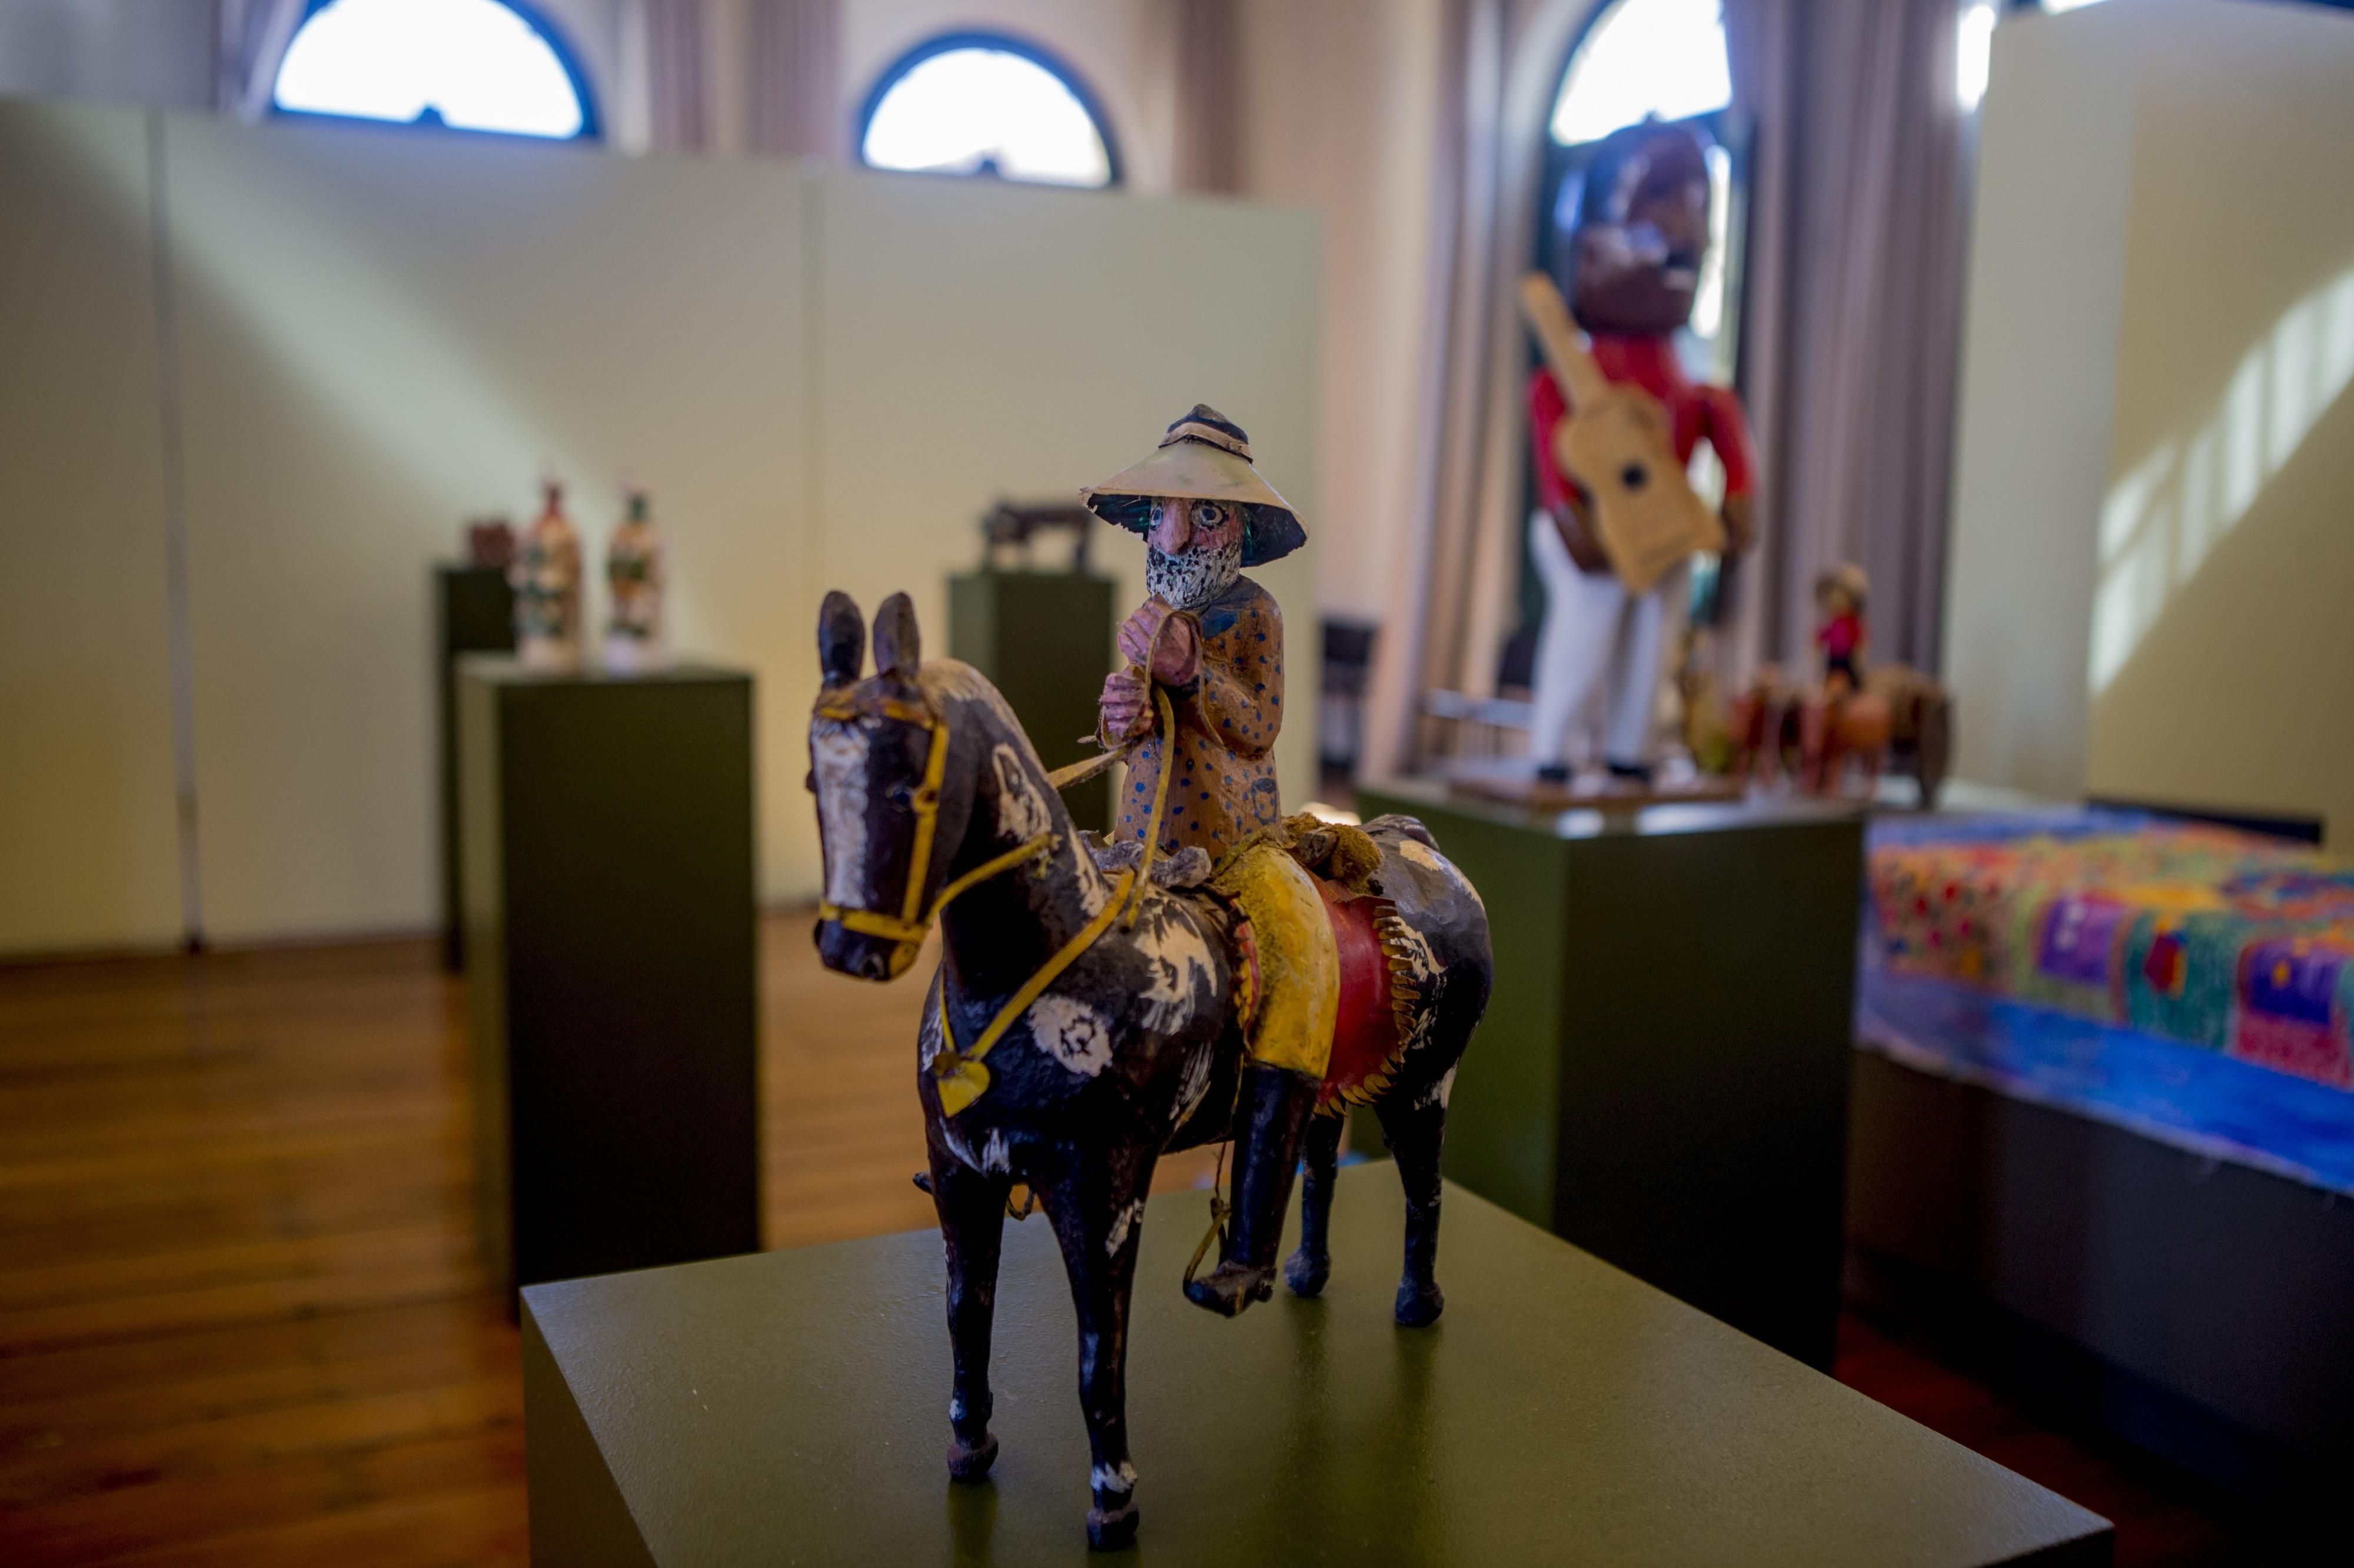 A exposição de estreia da nova galeria da Capital possui modelagem em argila, esculturas esculpidas em madeira e papel machê, além de pinturas multicoloridas - Flávio Tin/ND